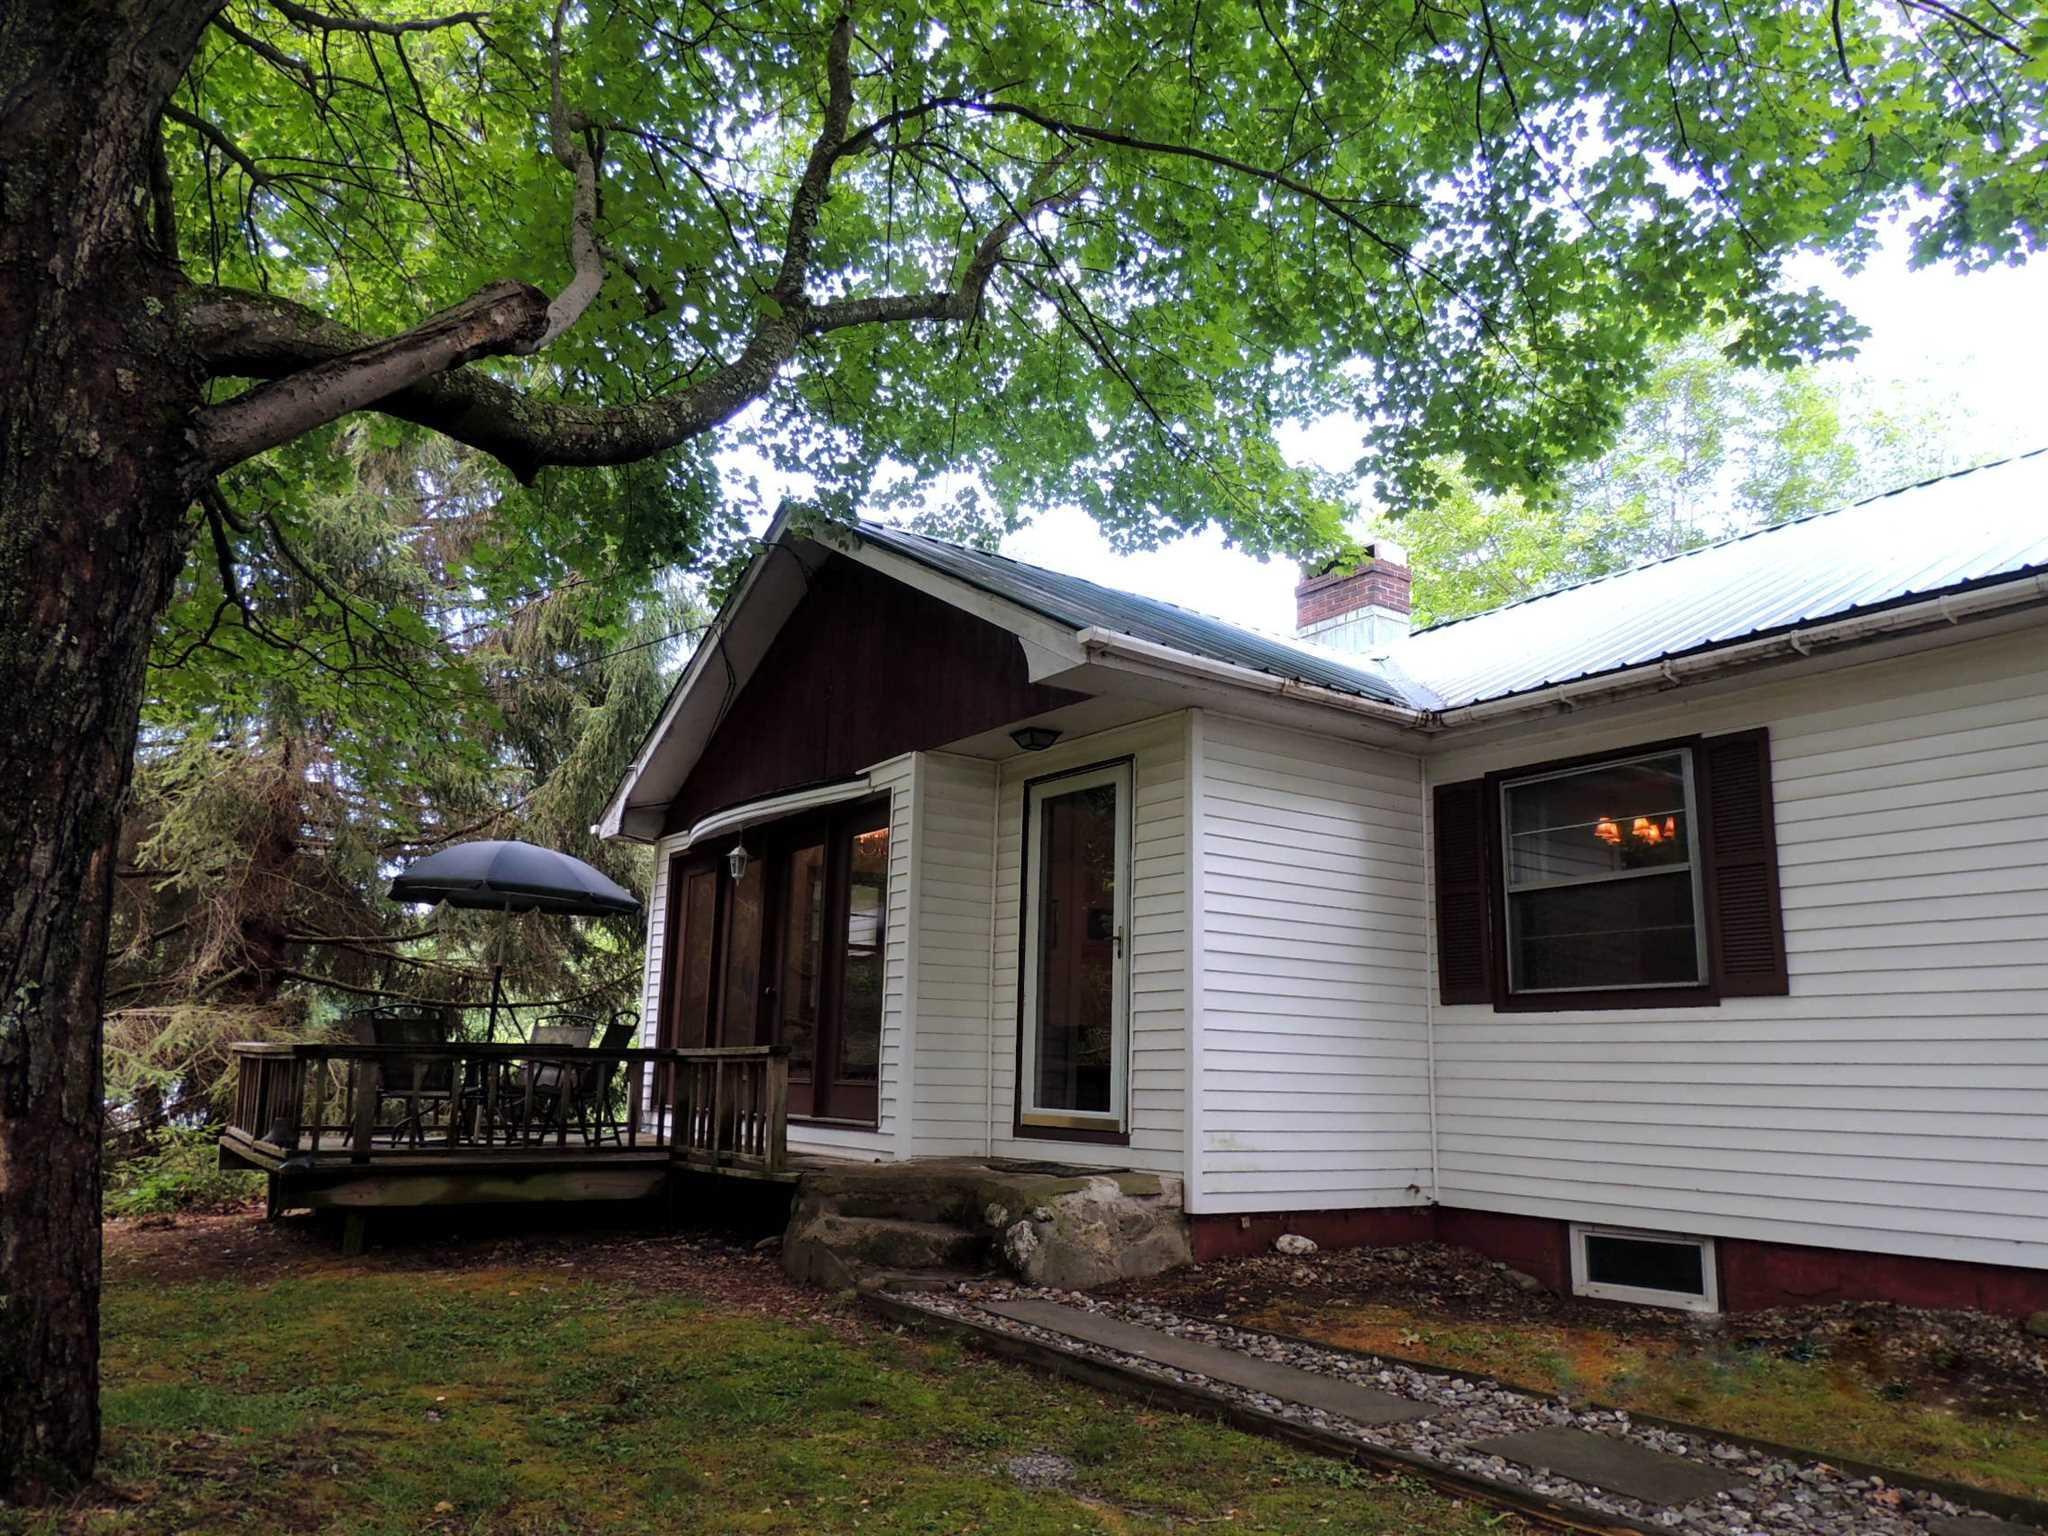 305 Augusta Dr, East Fishkill, NY 12533